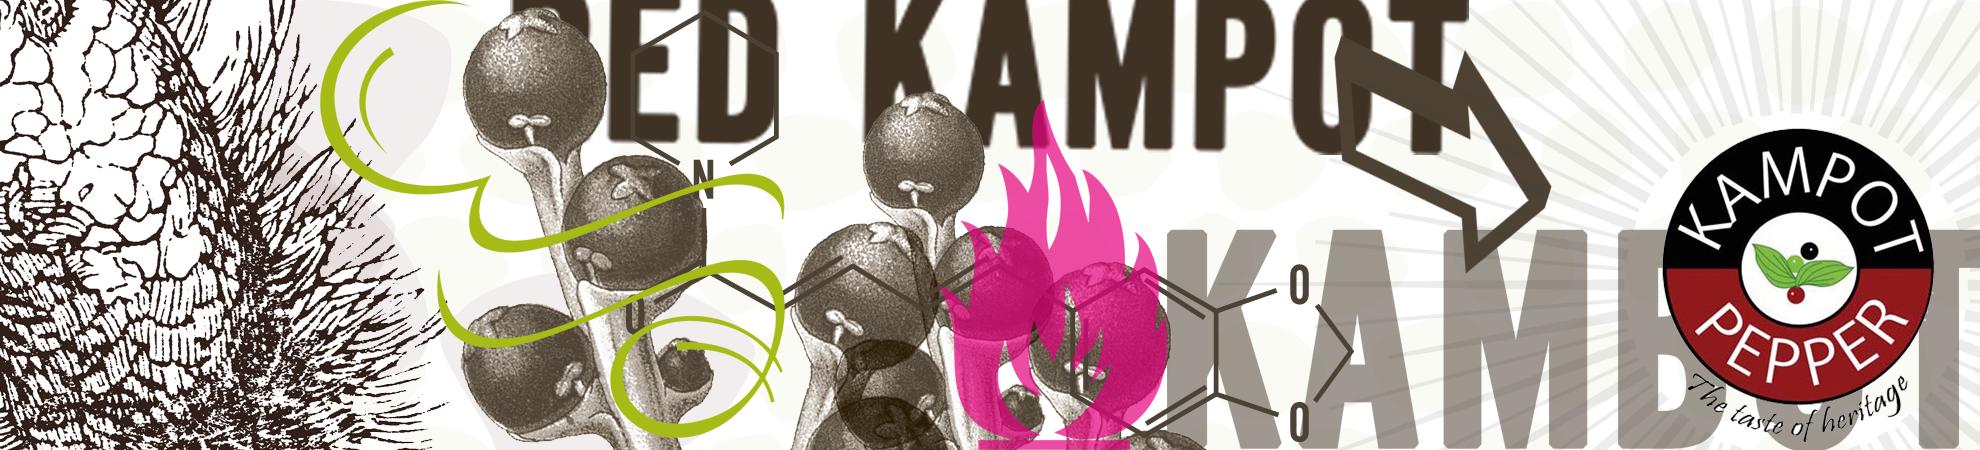 kampot weiss